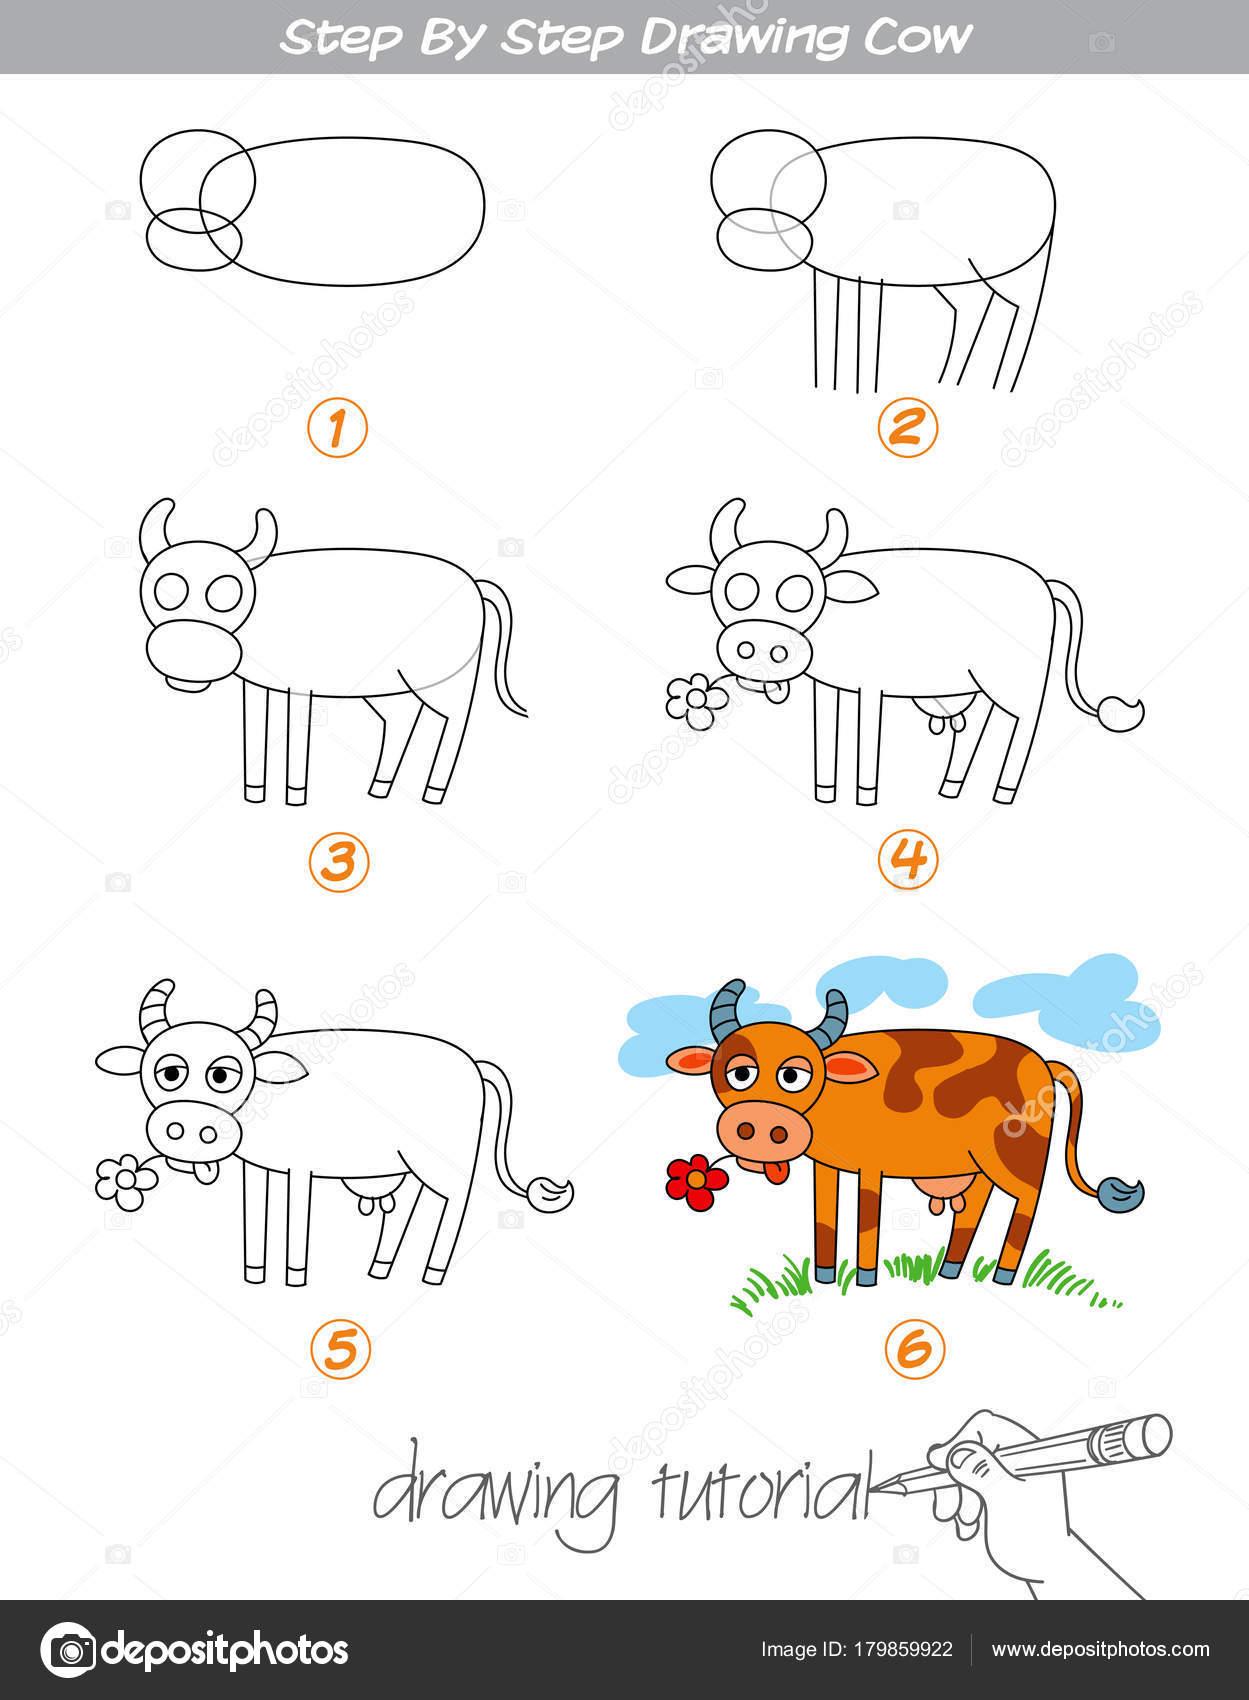 Imagenes Vaca Para Dibujar Paso A Paso Dibujo Vaca Vector De